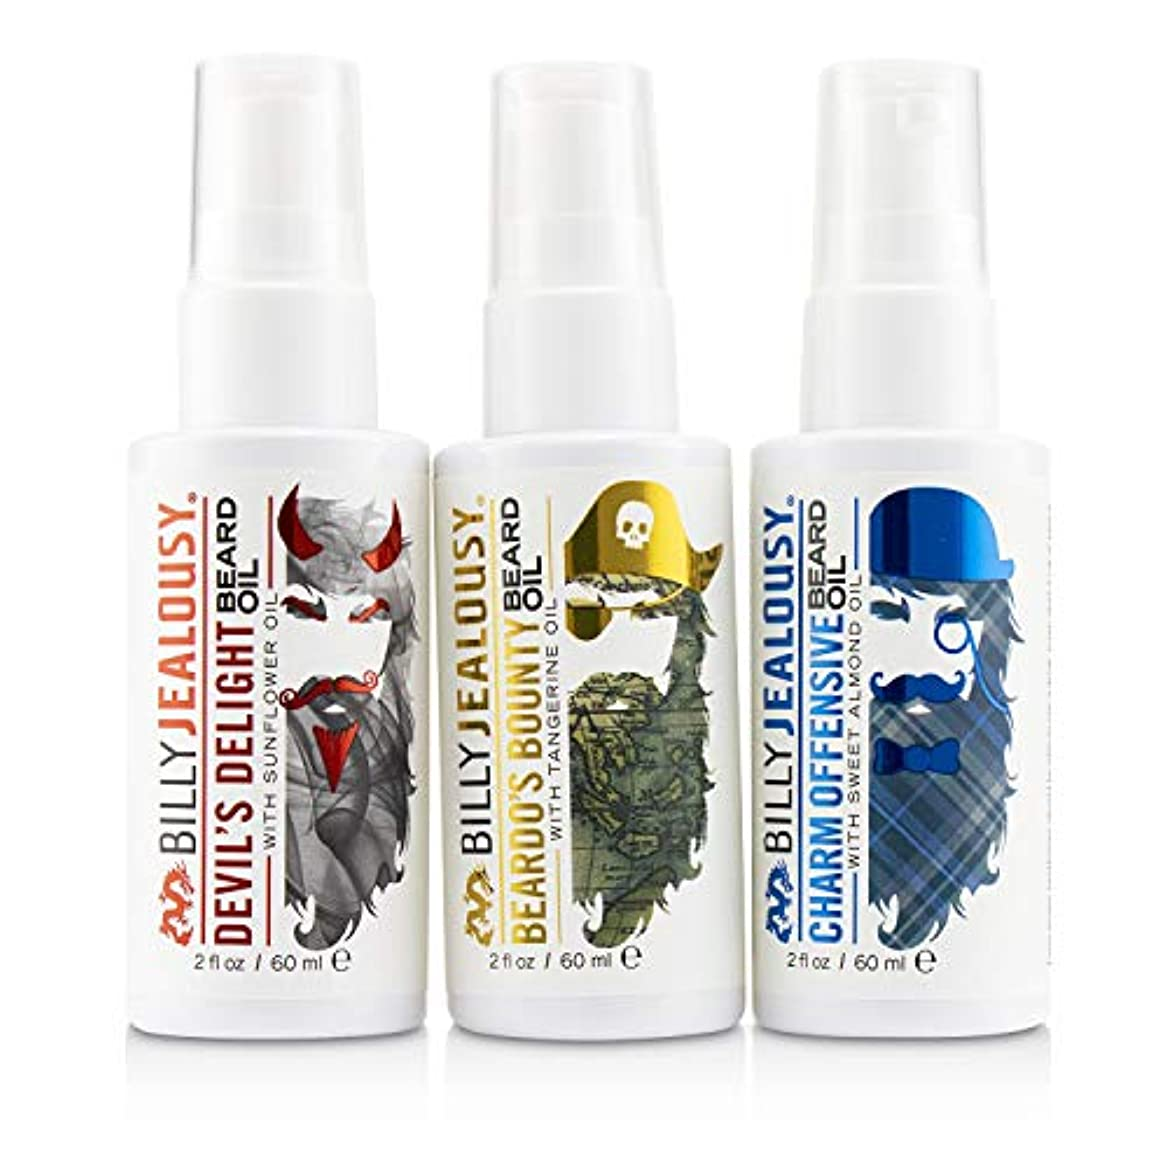 国際効率的に系統的ビリージェラシー 3 Amigos Beard Oil Trio Set : 1x Beardo's Bounty 60ml + 1x Devil's Delight 60ml + Charm Offensive 3pcs...